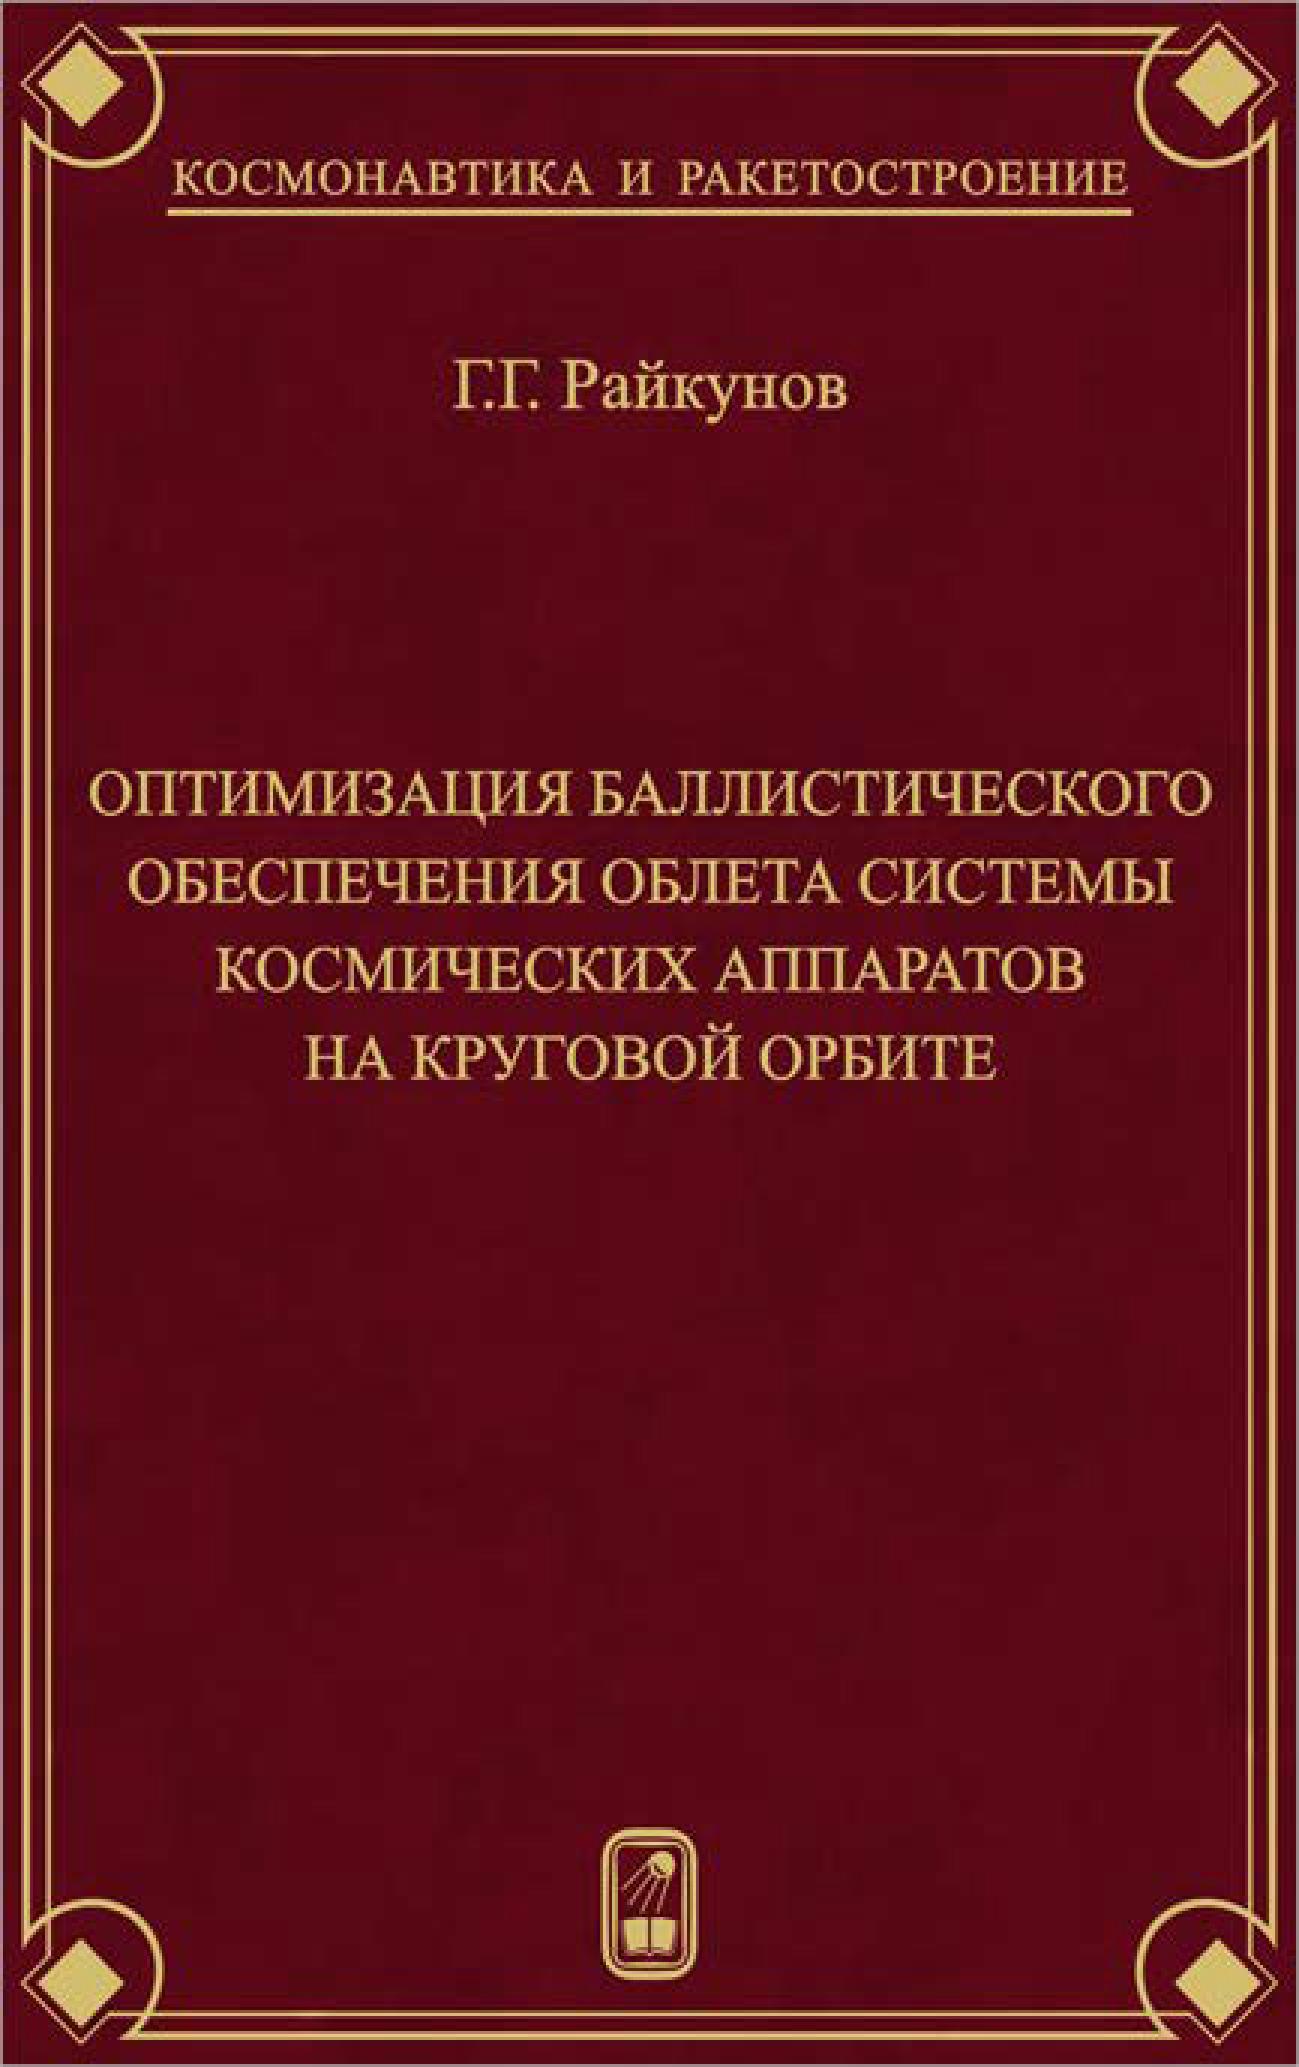 Г. Г. Райкунов Оптимизация баллистического обеспечения облета системы космических аппаратов на круговой орбите